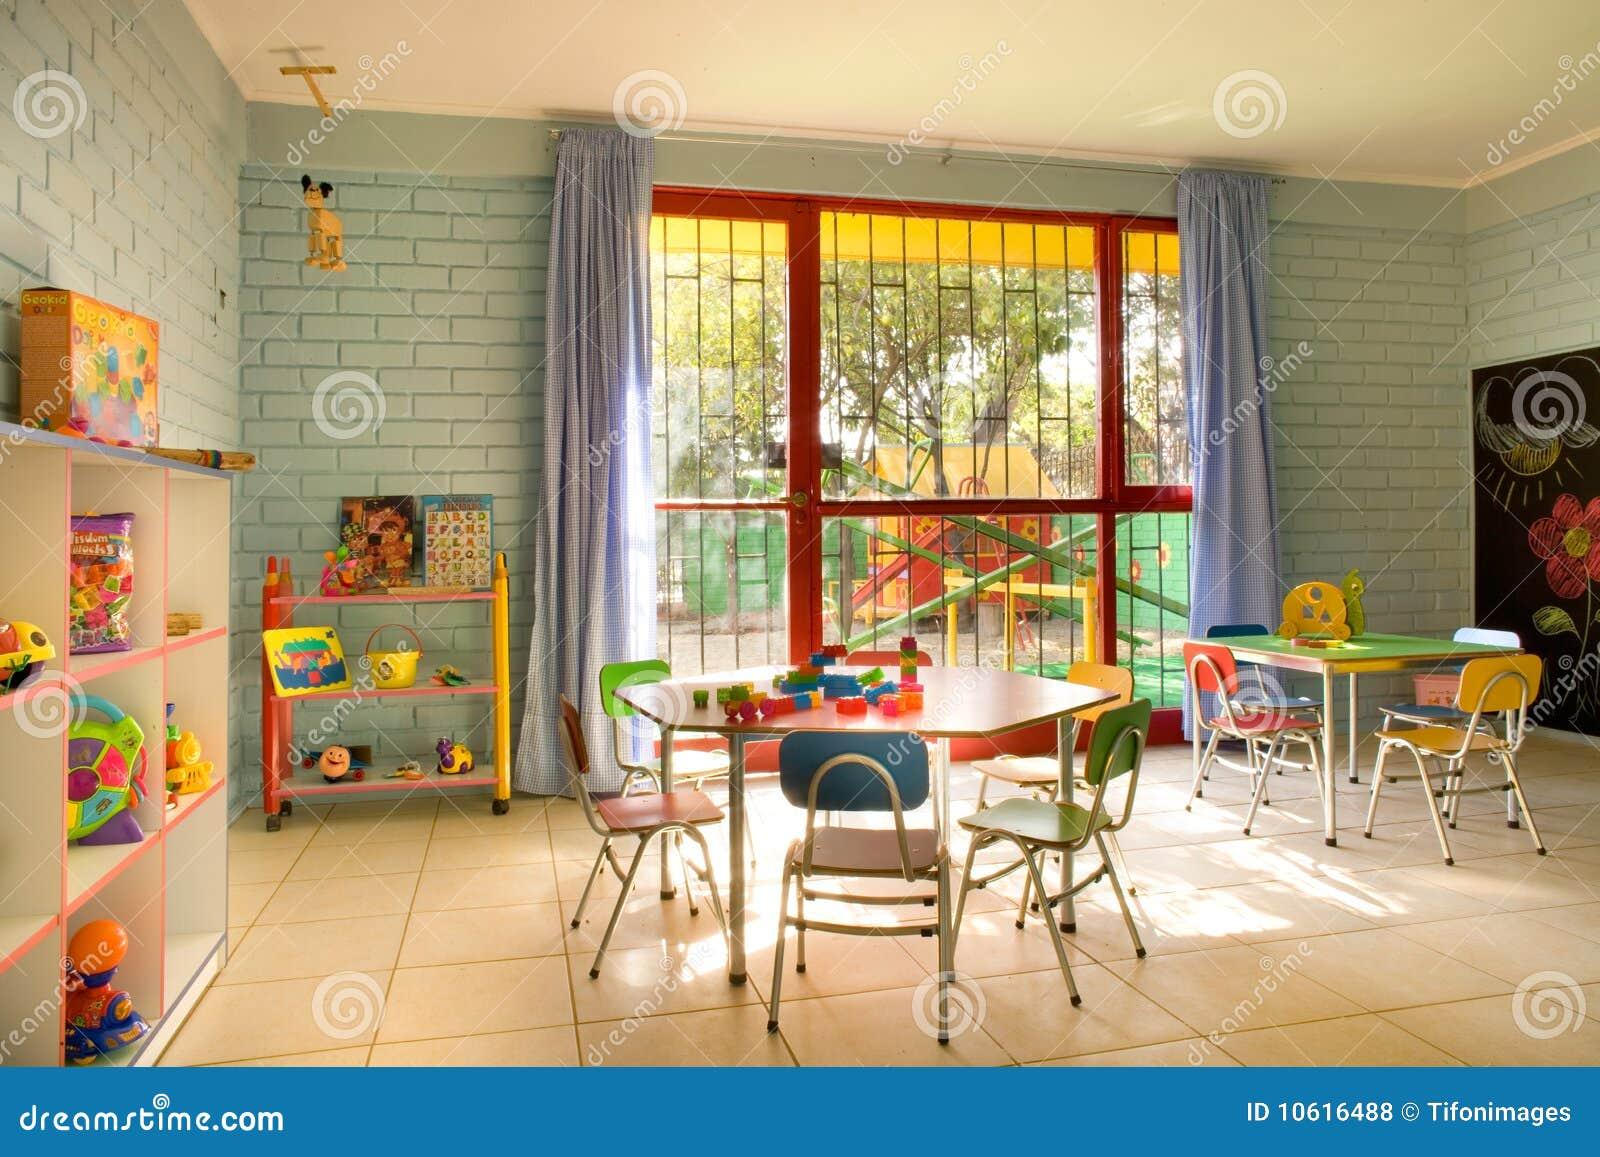 imagens jardim infancia:Fotos de Stock Royalty Free: Sala de aula vazia do jardim de infância